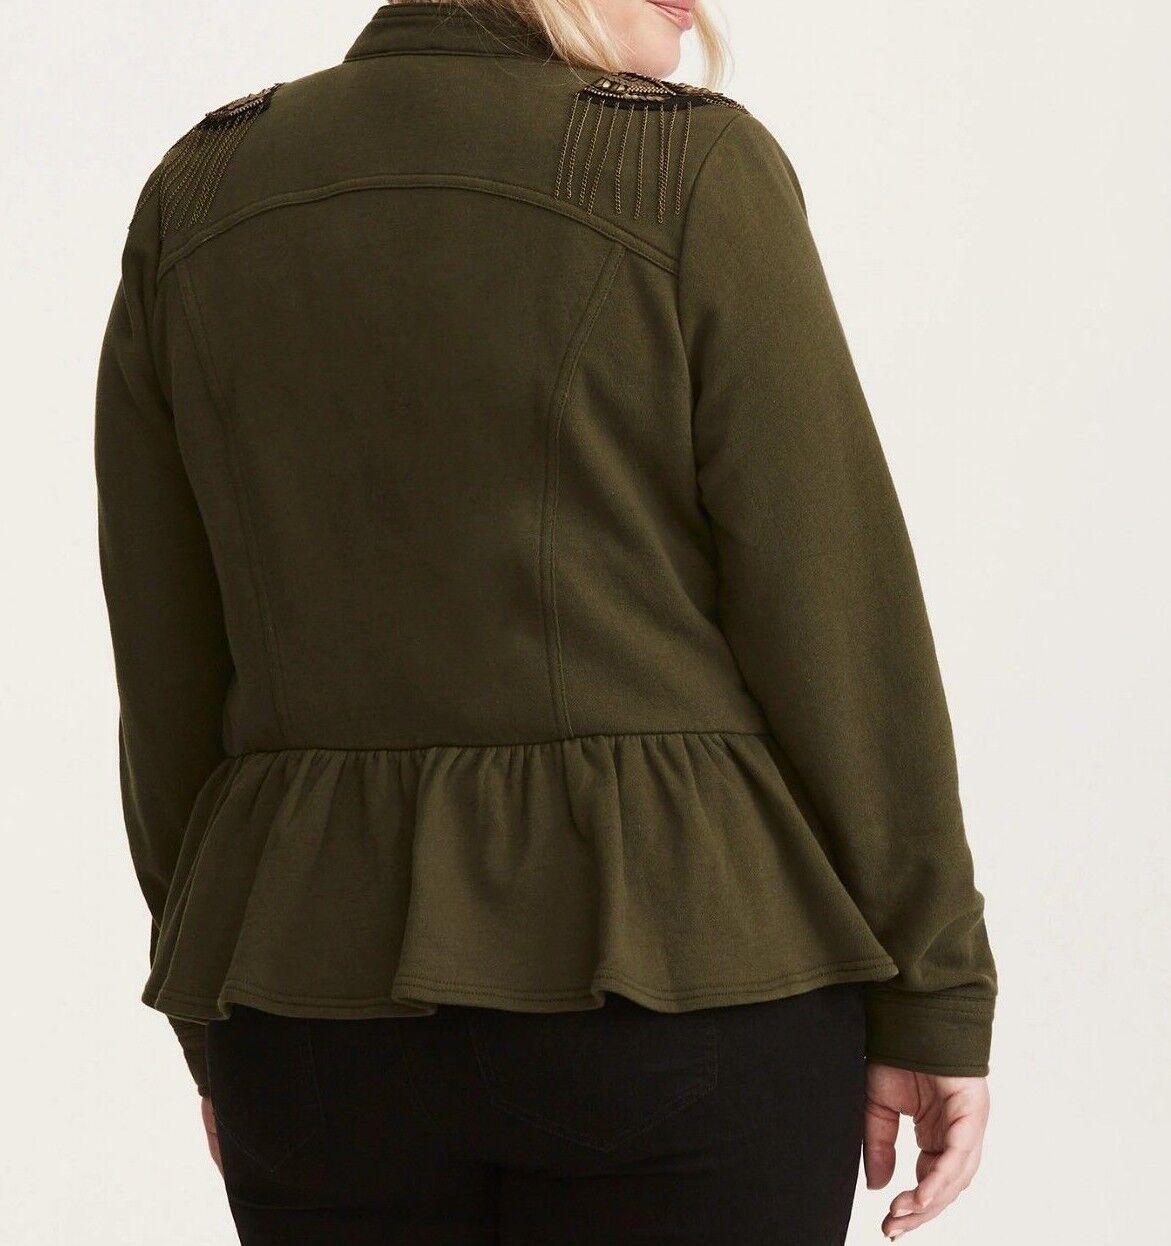 64bed95d616 Torrid Olive Green Embellished Knit Peplum Military Jacket 4x 26 ...